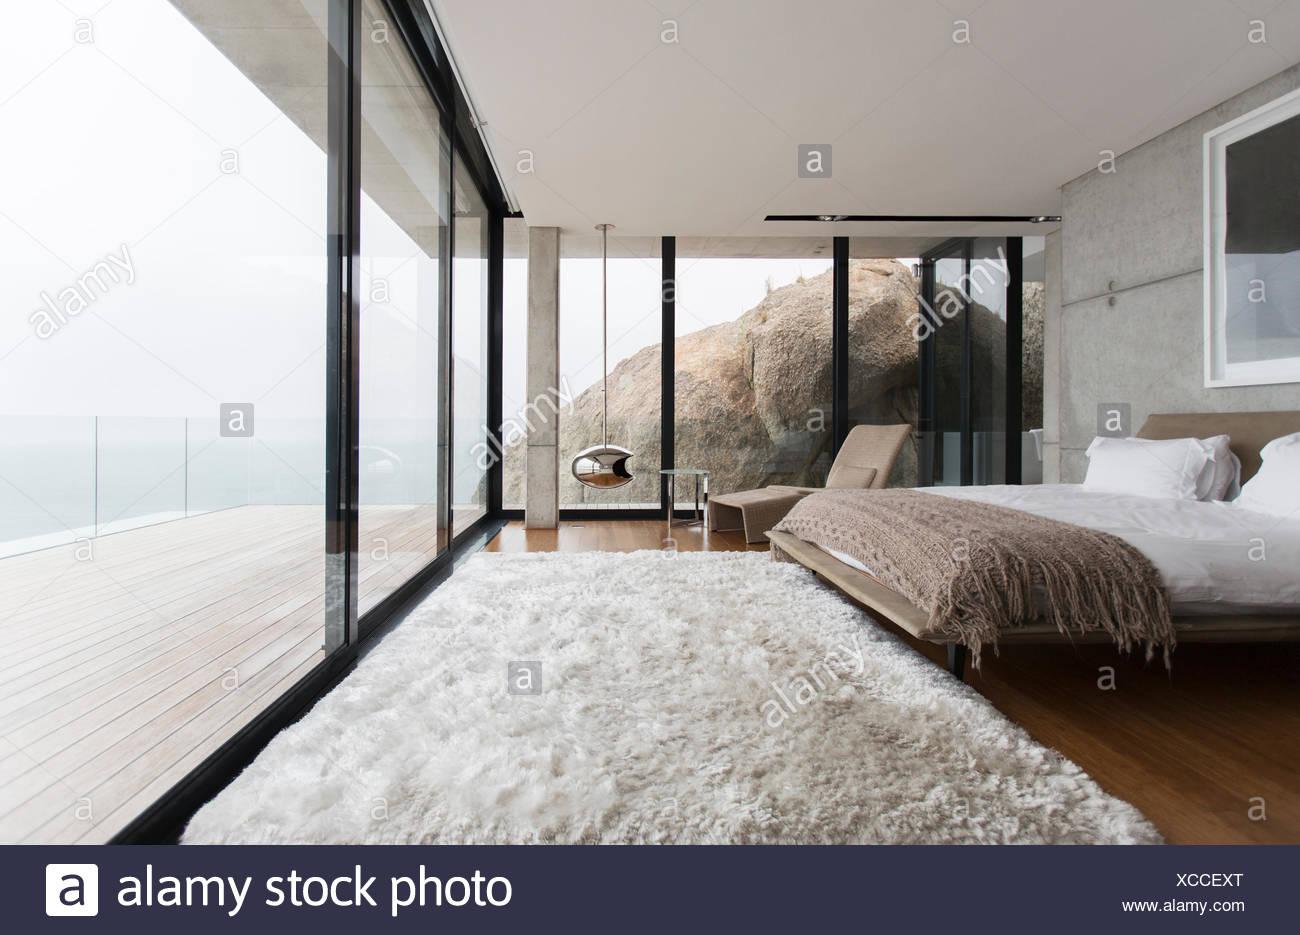 Shag Teppich und Glas Wände in modernen Schlafzimmer Stockfoto, Bild ...